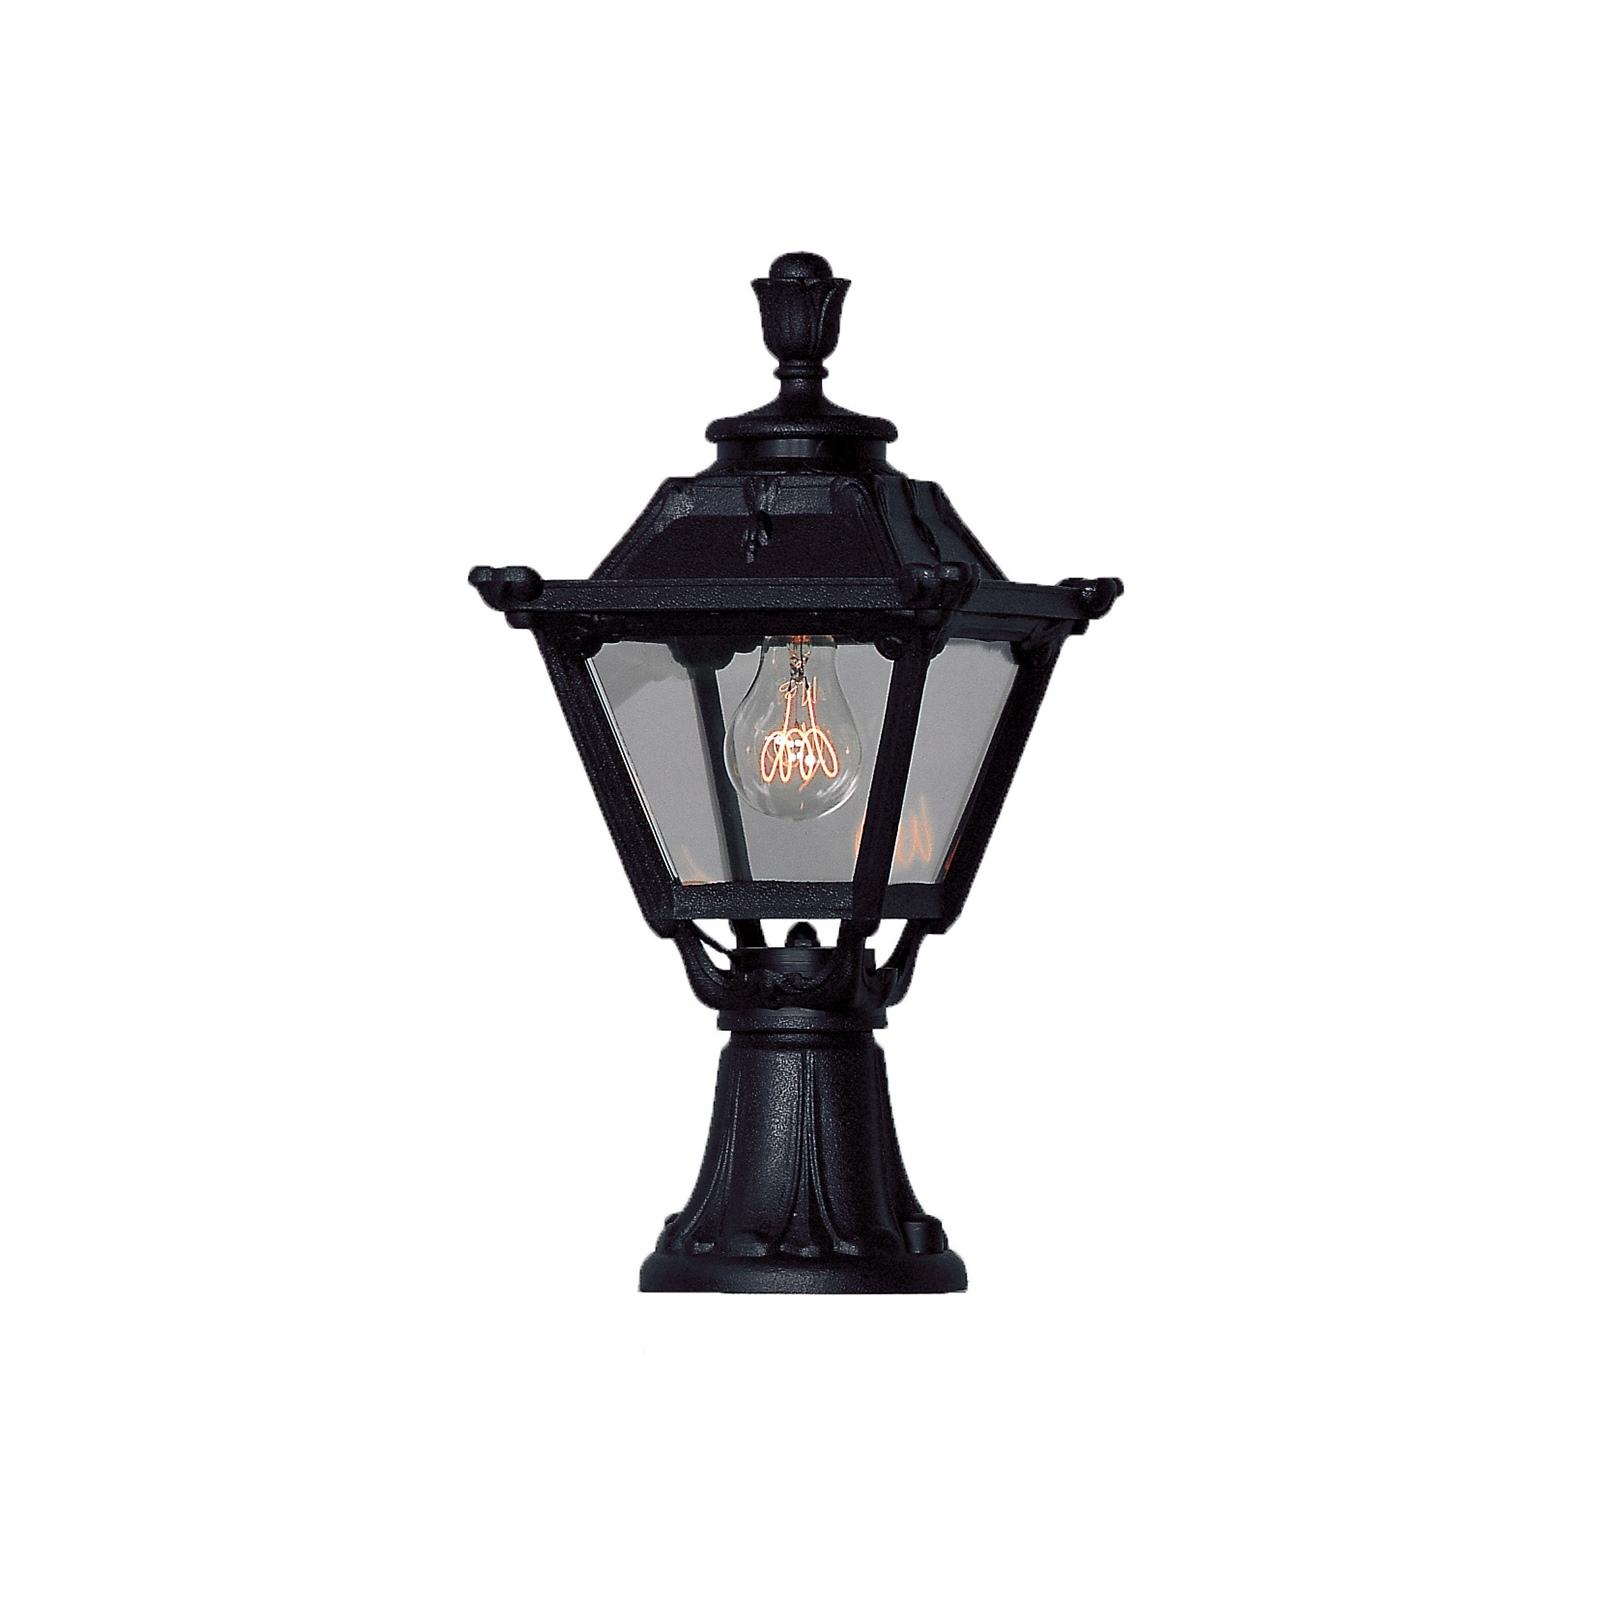 MiniLot Golia Outside Pillar Light